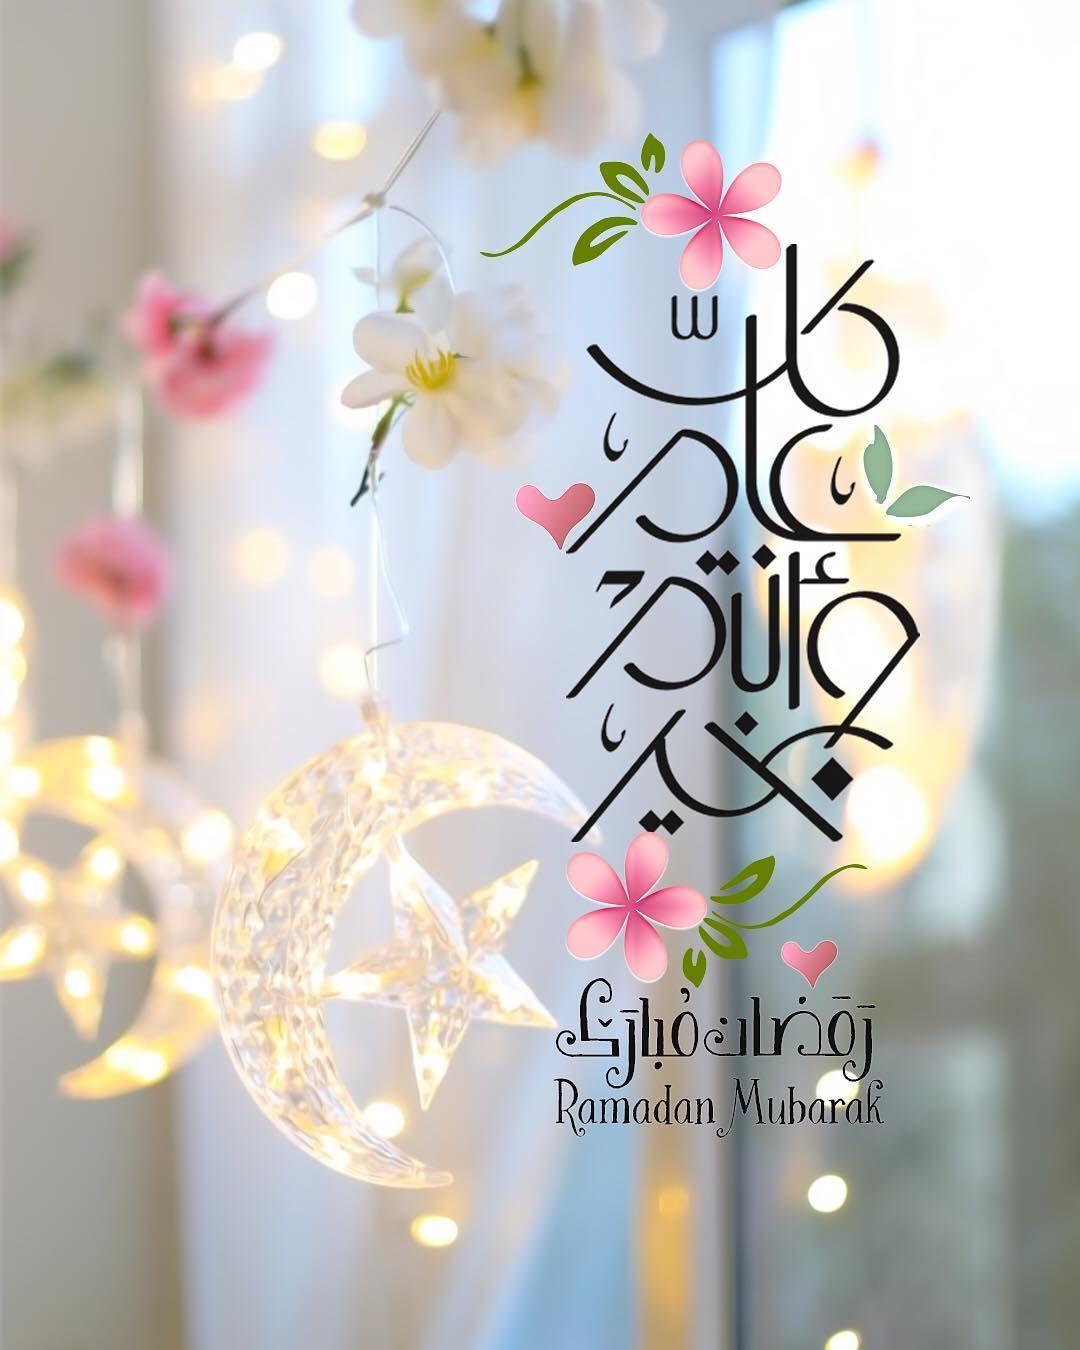 تهنئة رمضان رمضان يجمعنا مبارك عليكم الشهر رمزيات رمضانيات رمضان 2019 كل عام وأنتم بخير ㅤㅤㅤㅤ ㅤㅤㅤㅤ رمضان رمضان